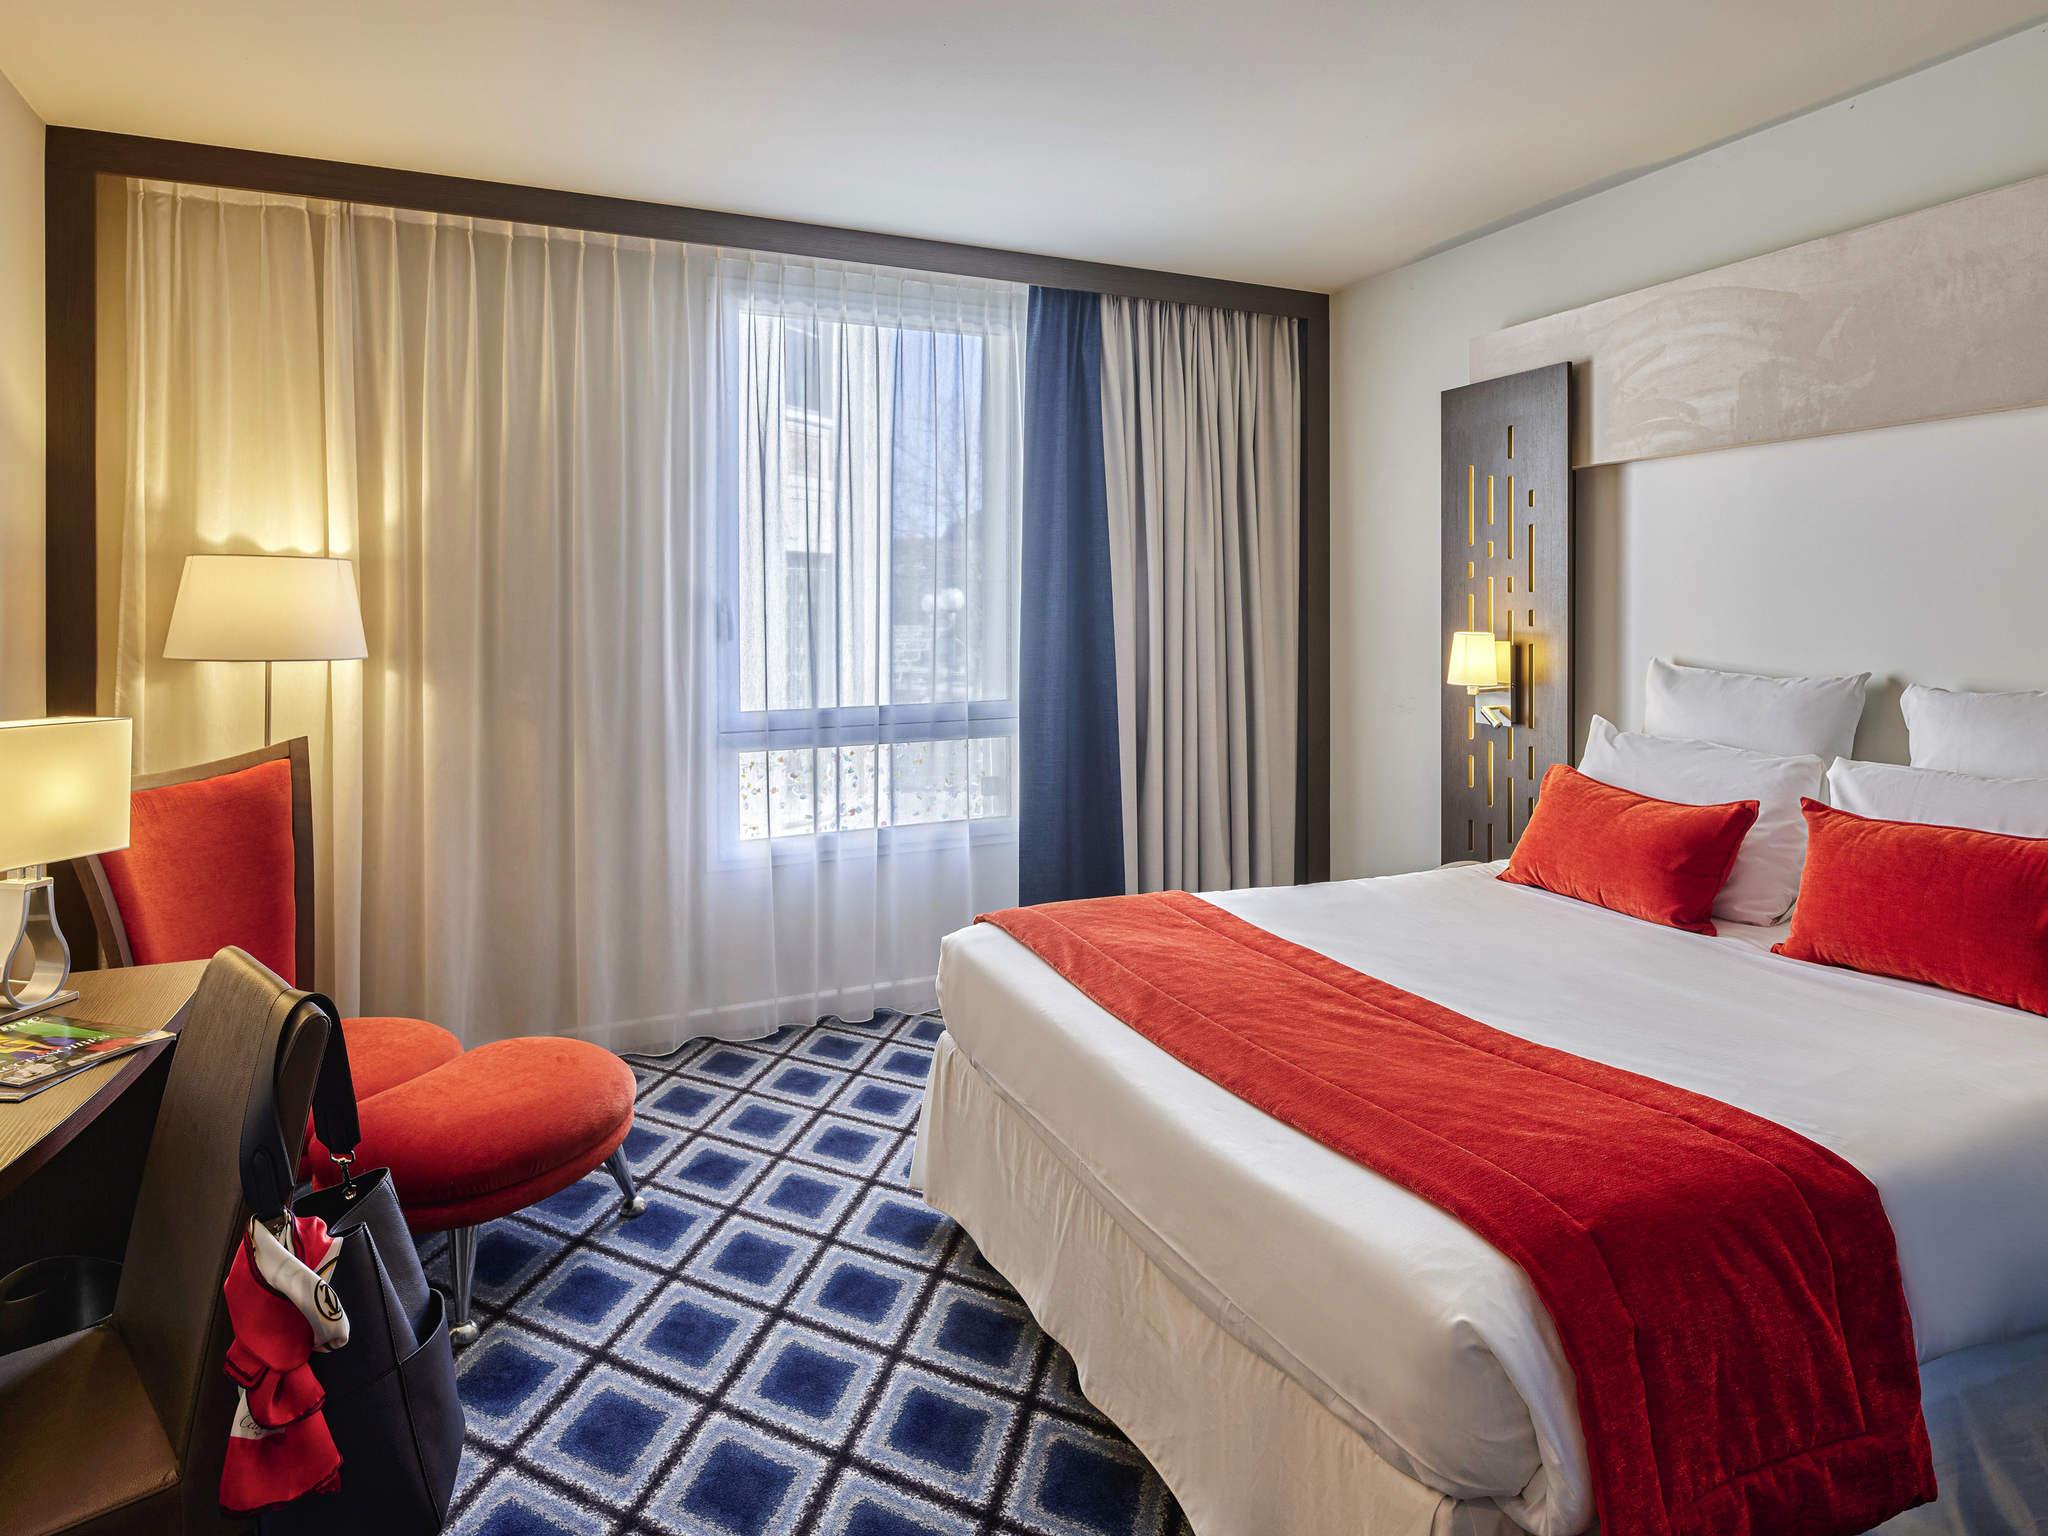 ホテル – メルキュール シャルトル サントル カテドラル ホテル